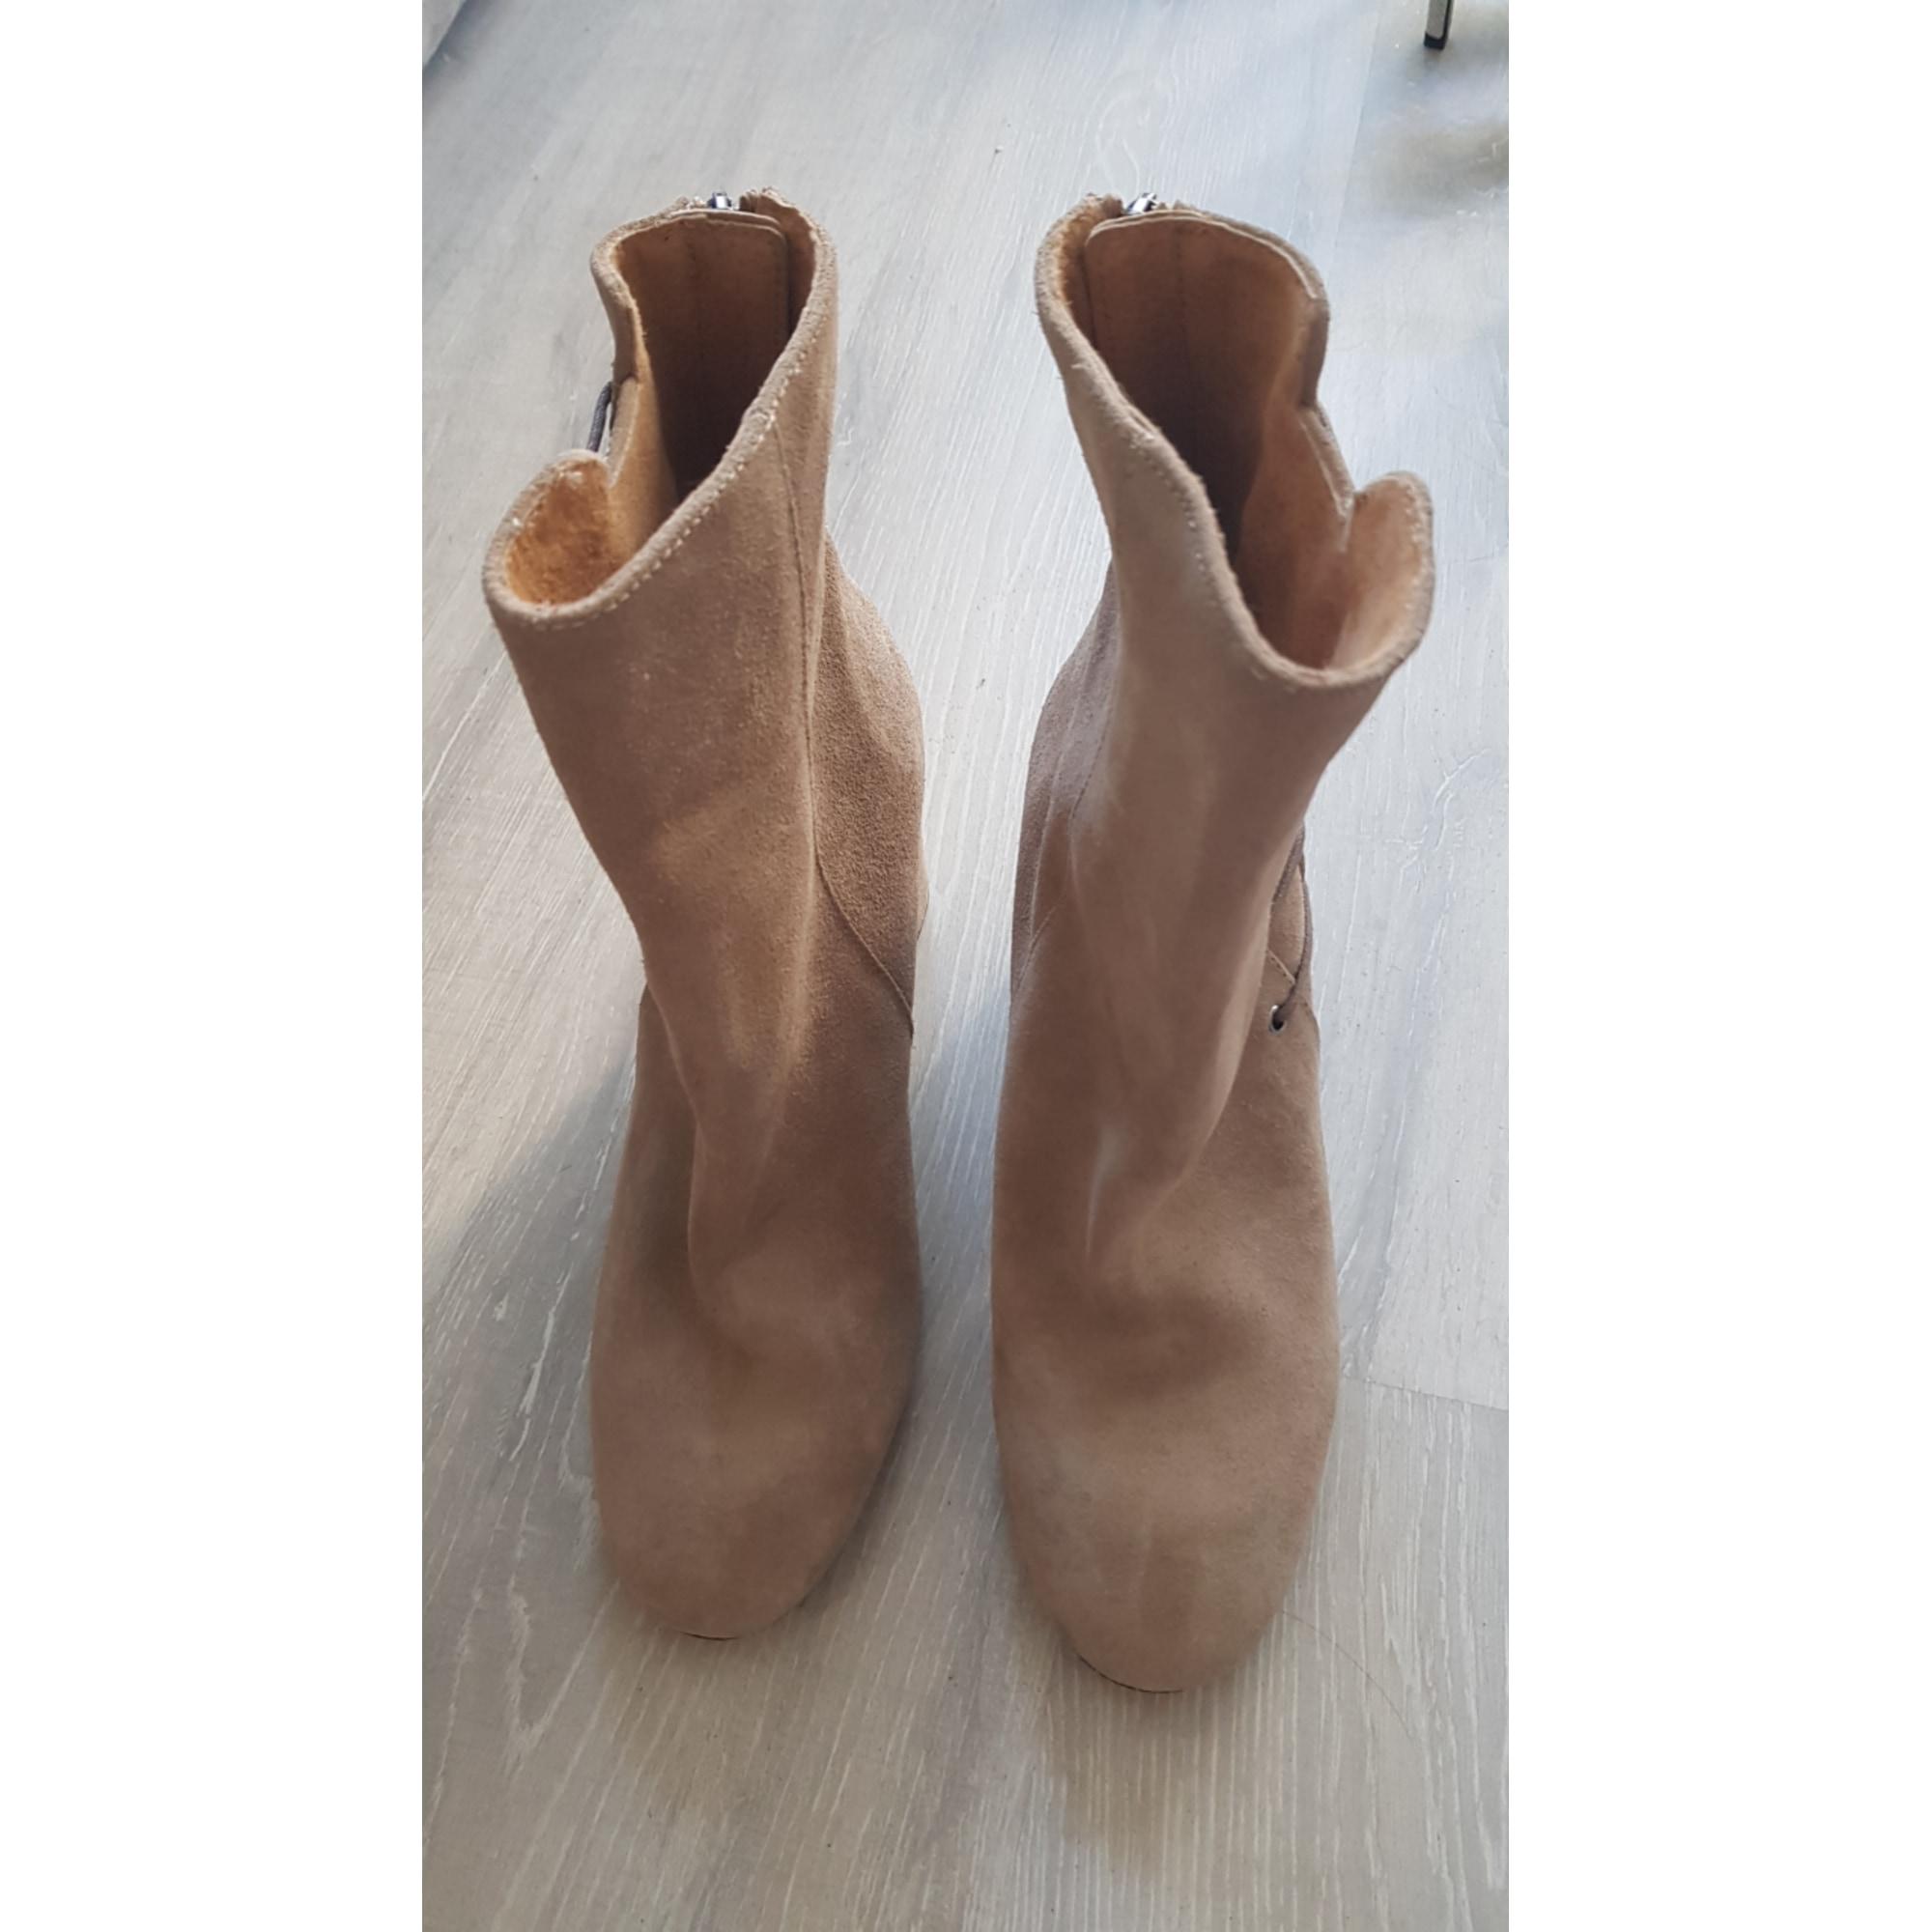 Bottines & low boots à compensés MORGAN Beige, camel